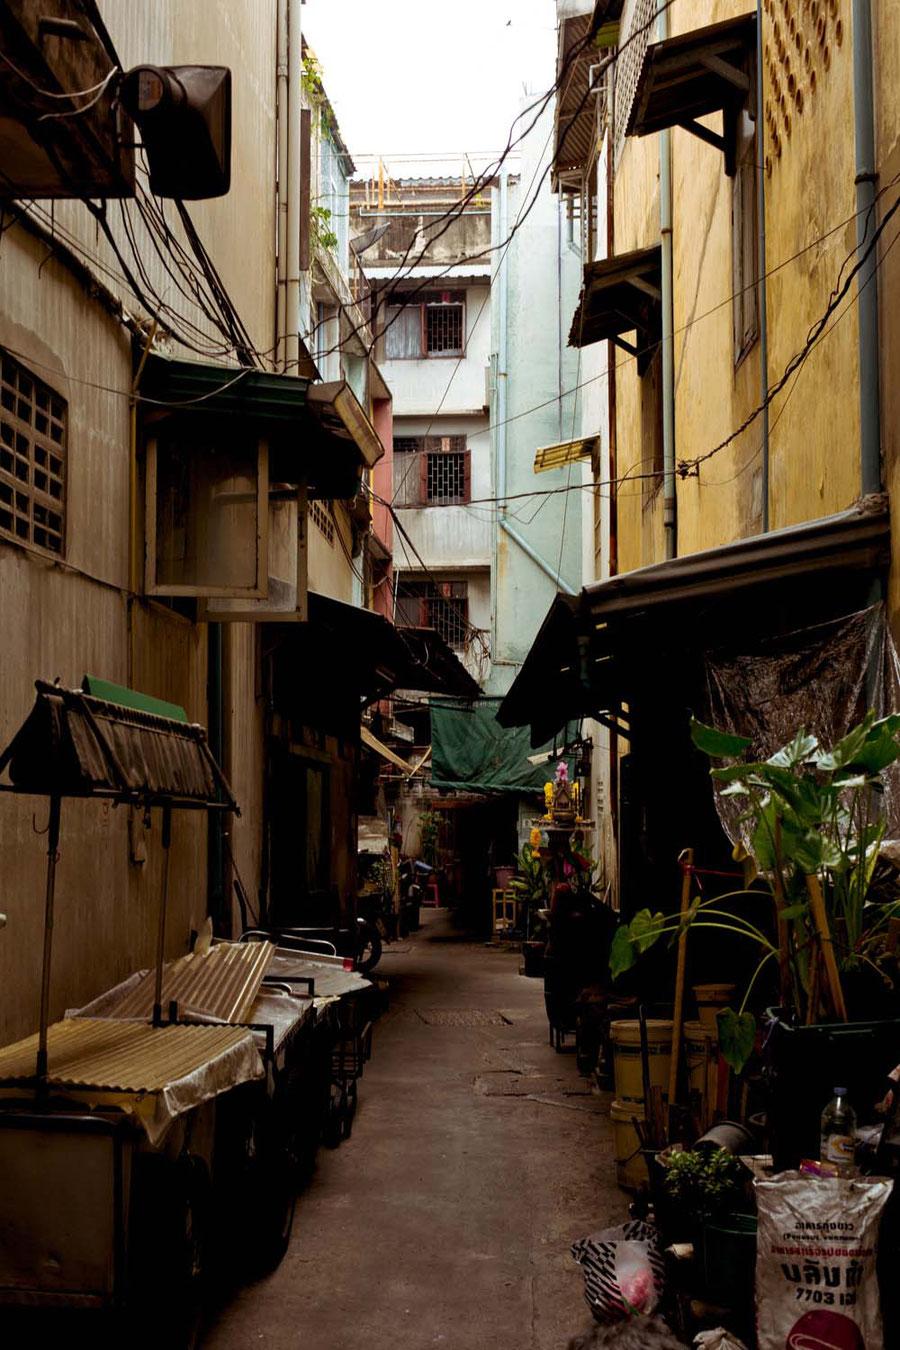 Eine Gasse in Chinatown, Bangkok, Thailand